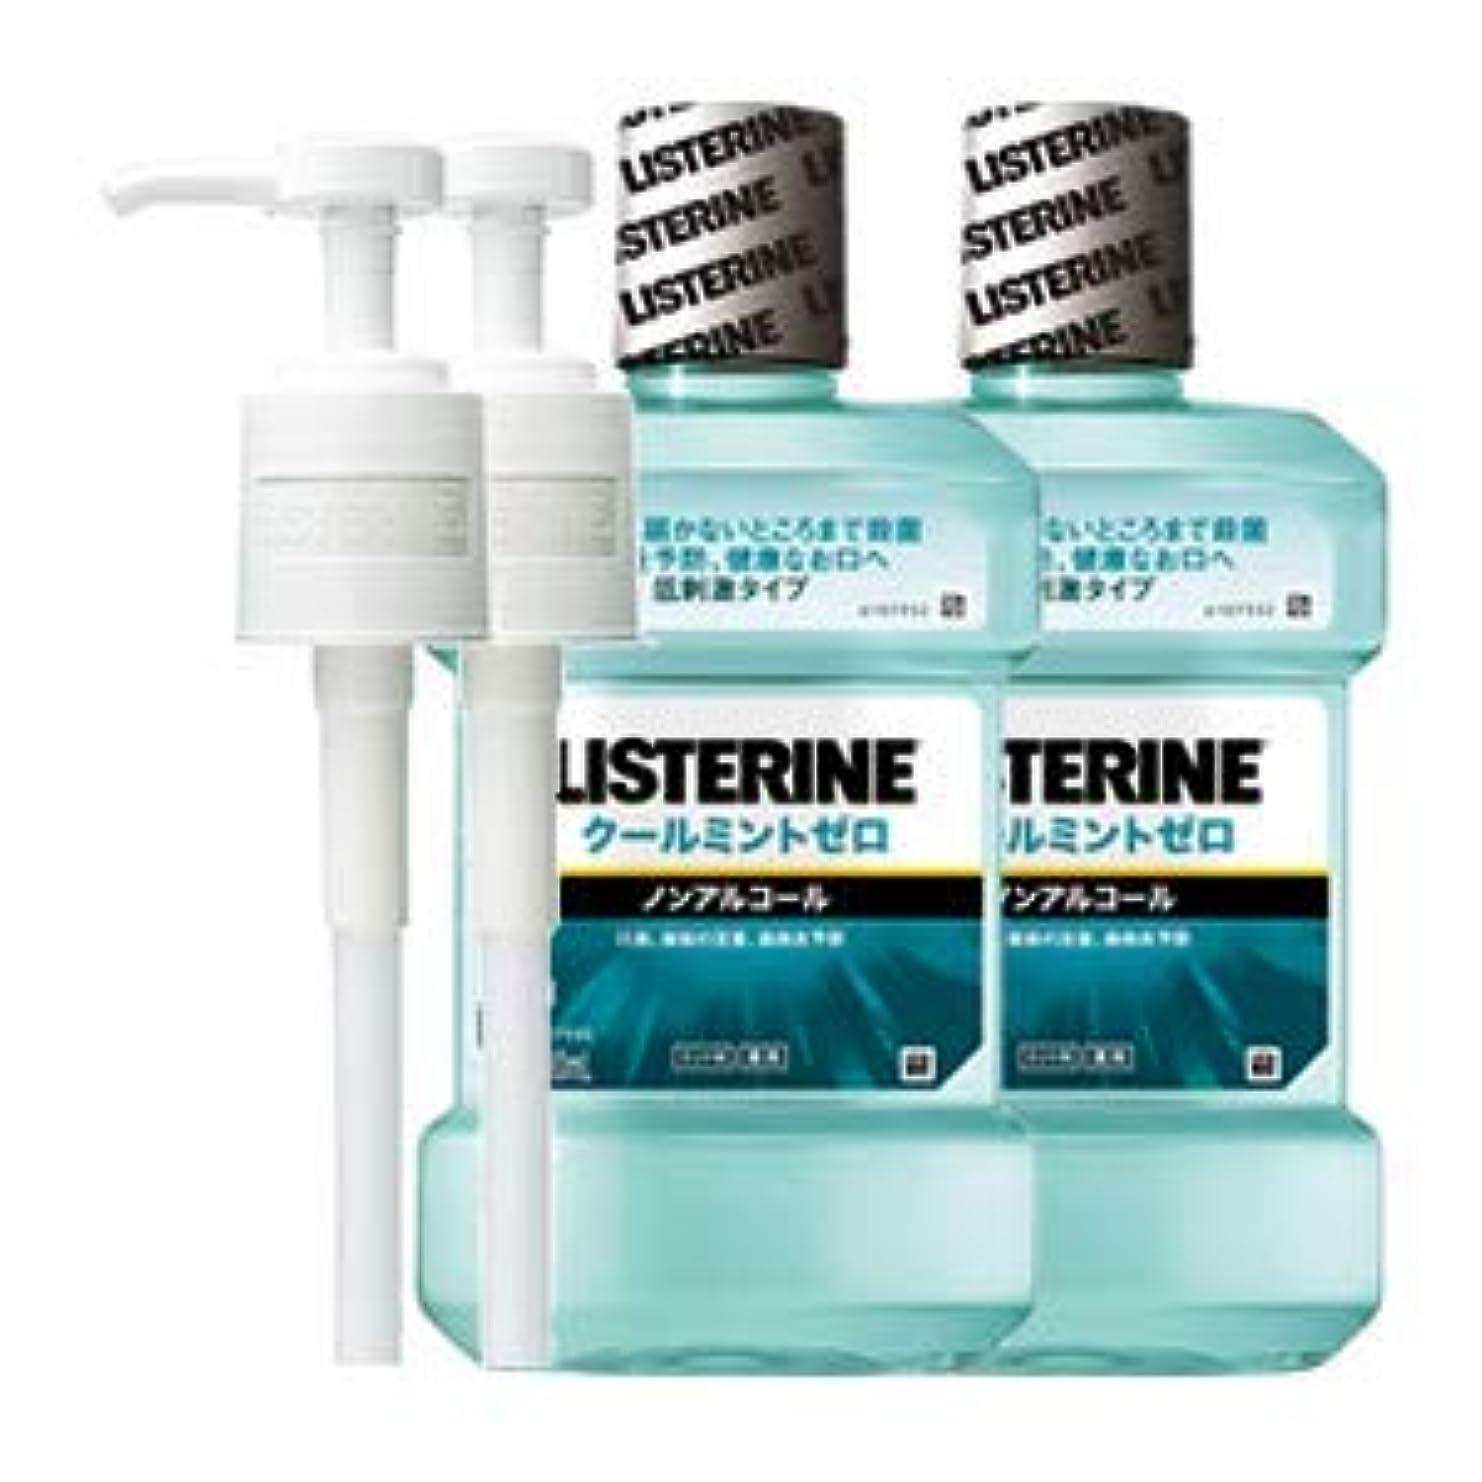 美的外交剪断薬用 リステリン クールミント ゼロ (マウスウォッシュ/洗口液) 1000mL 2点セット (ポンプ付)